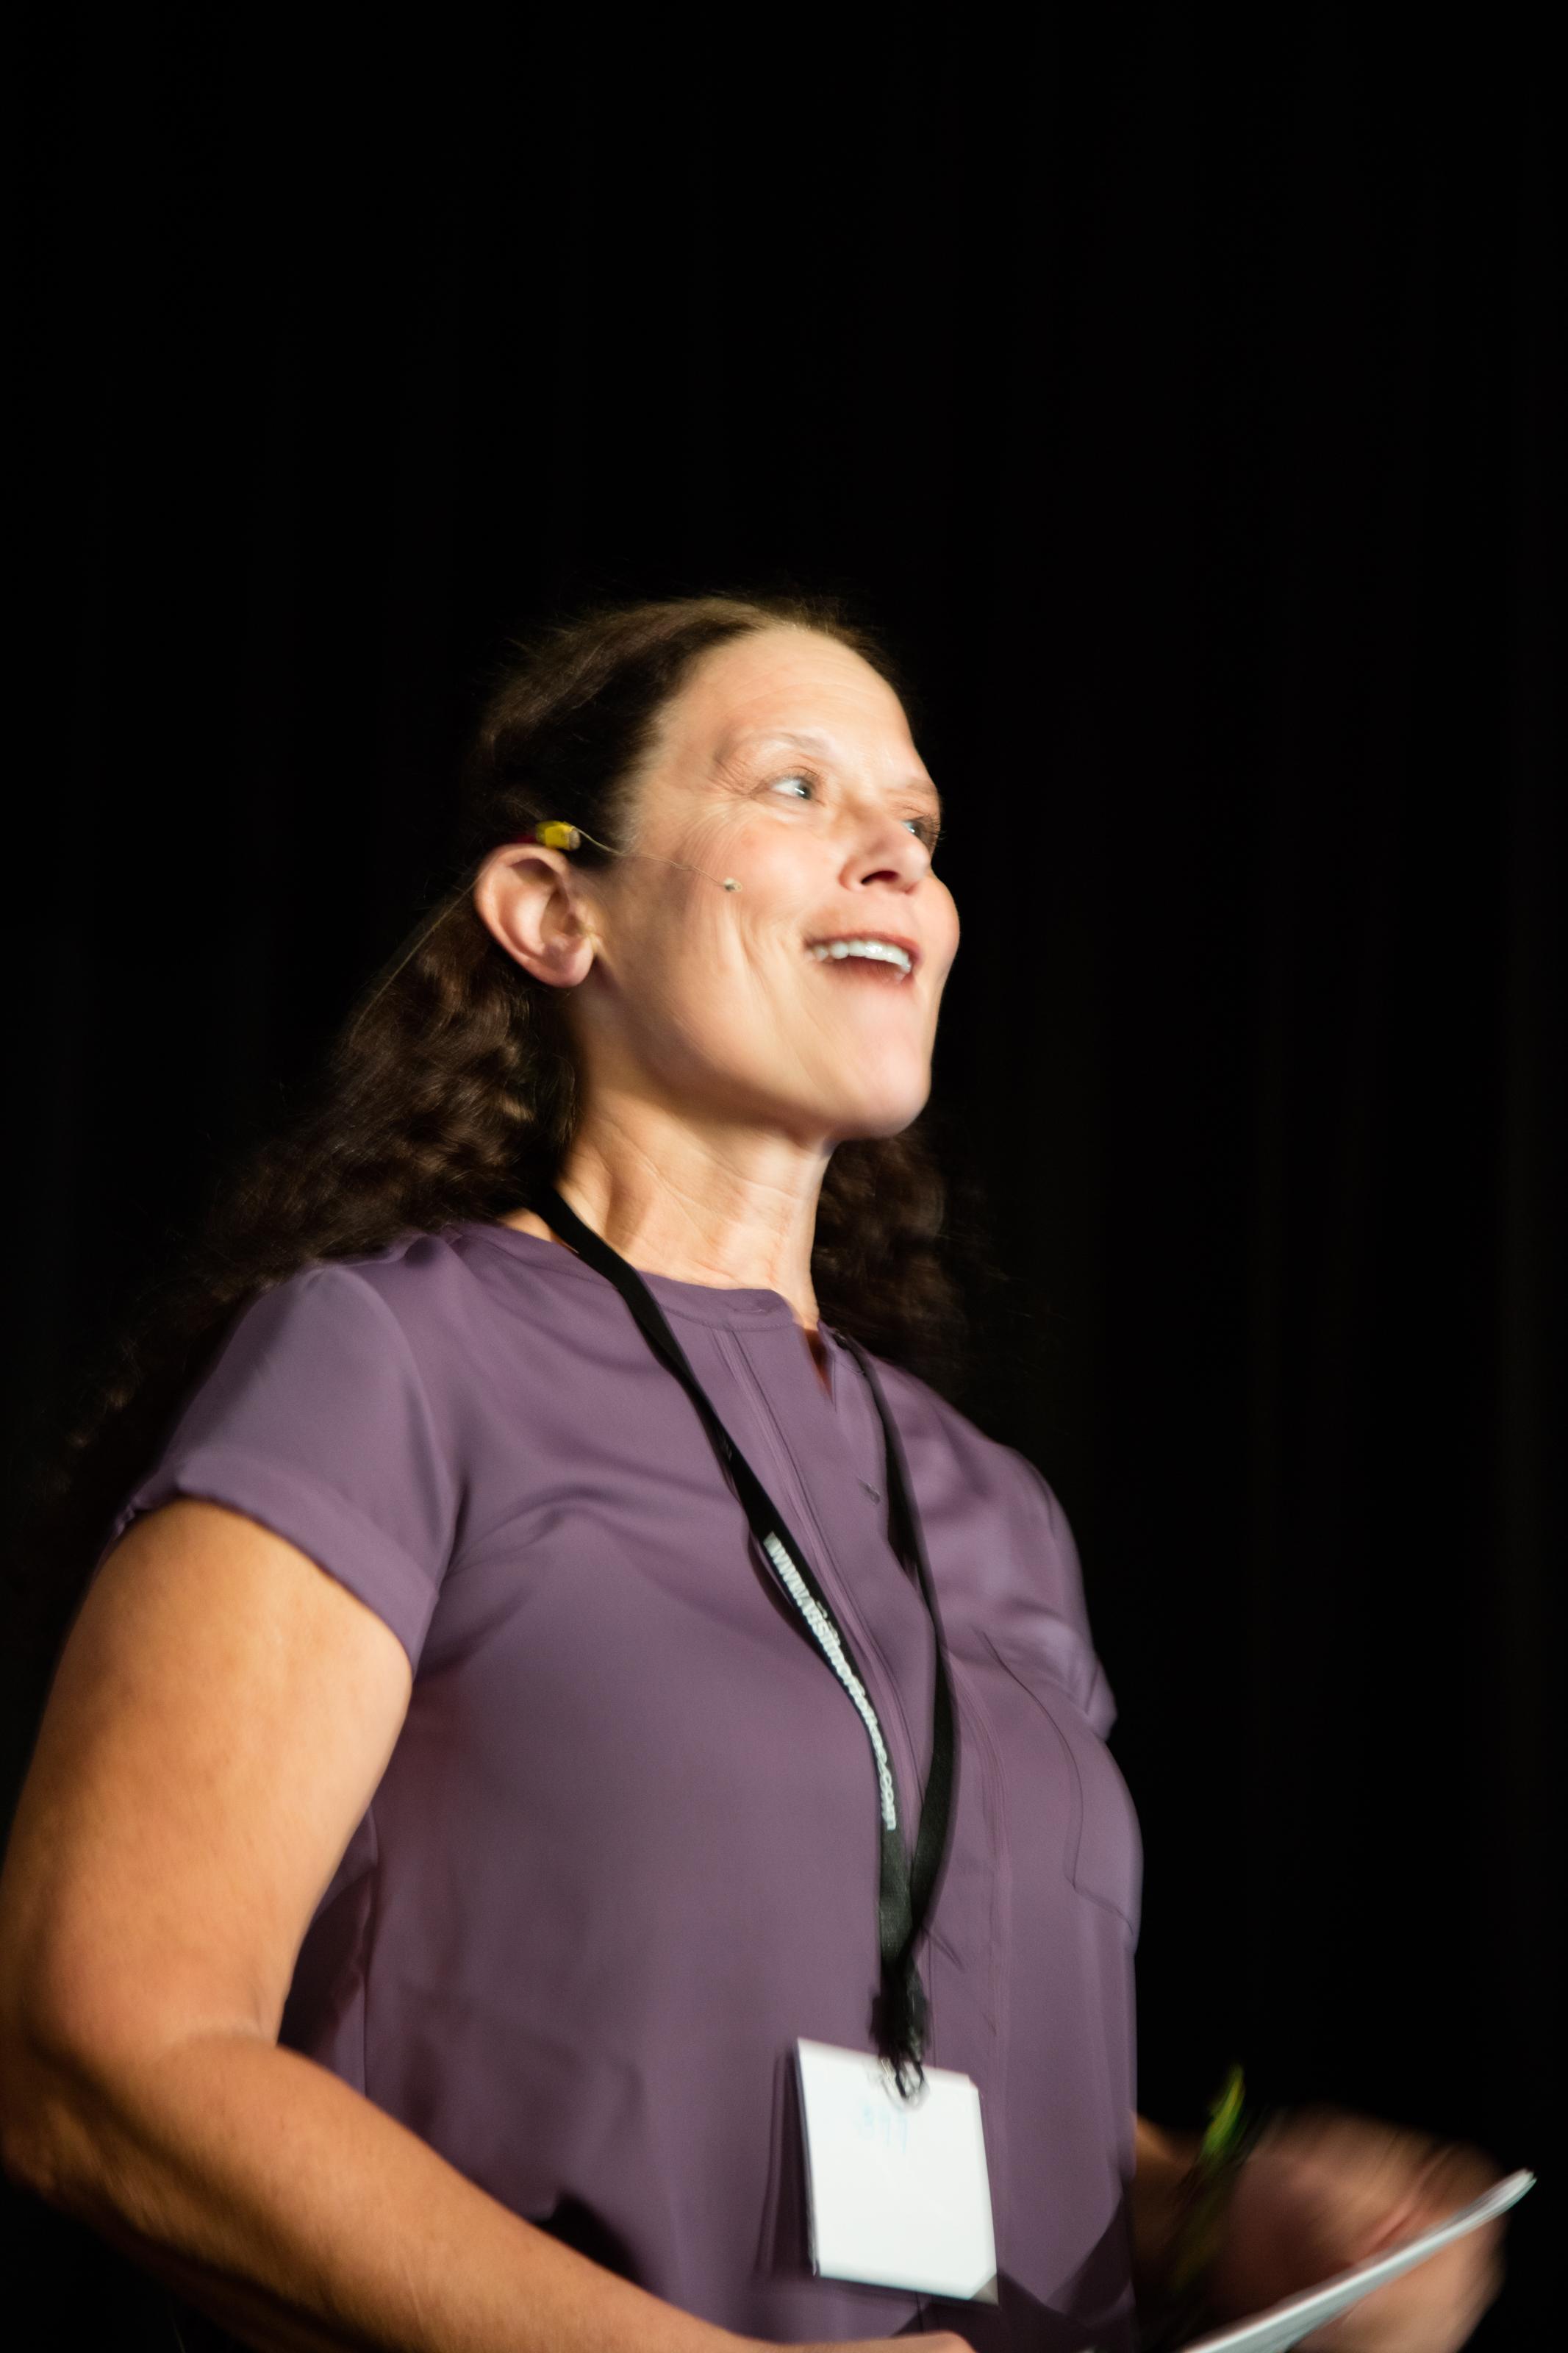 Dr. Marjie Heier - Zambia